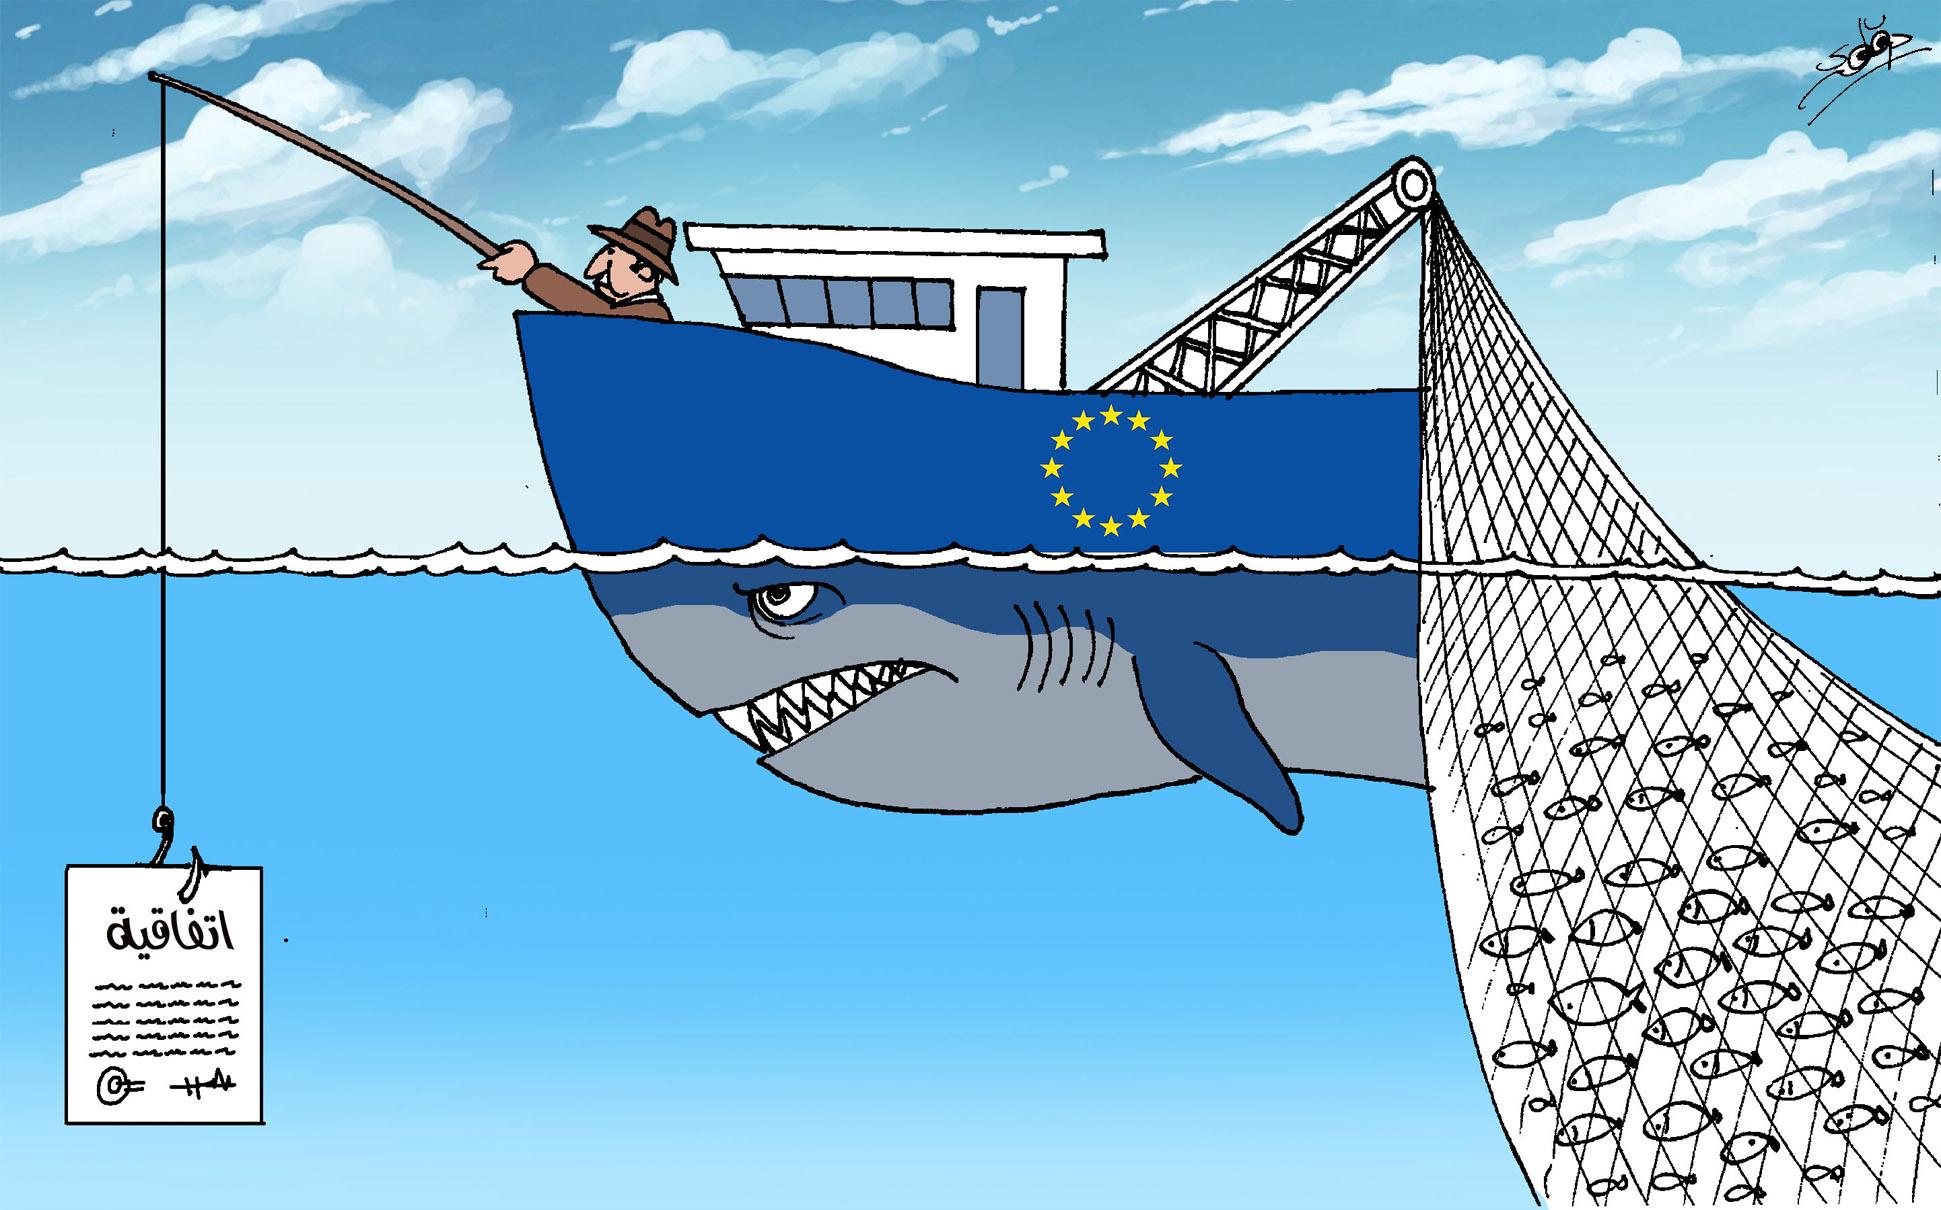 اتفاقية الصيد البحري